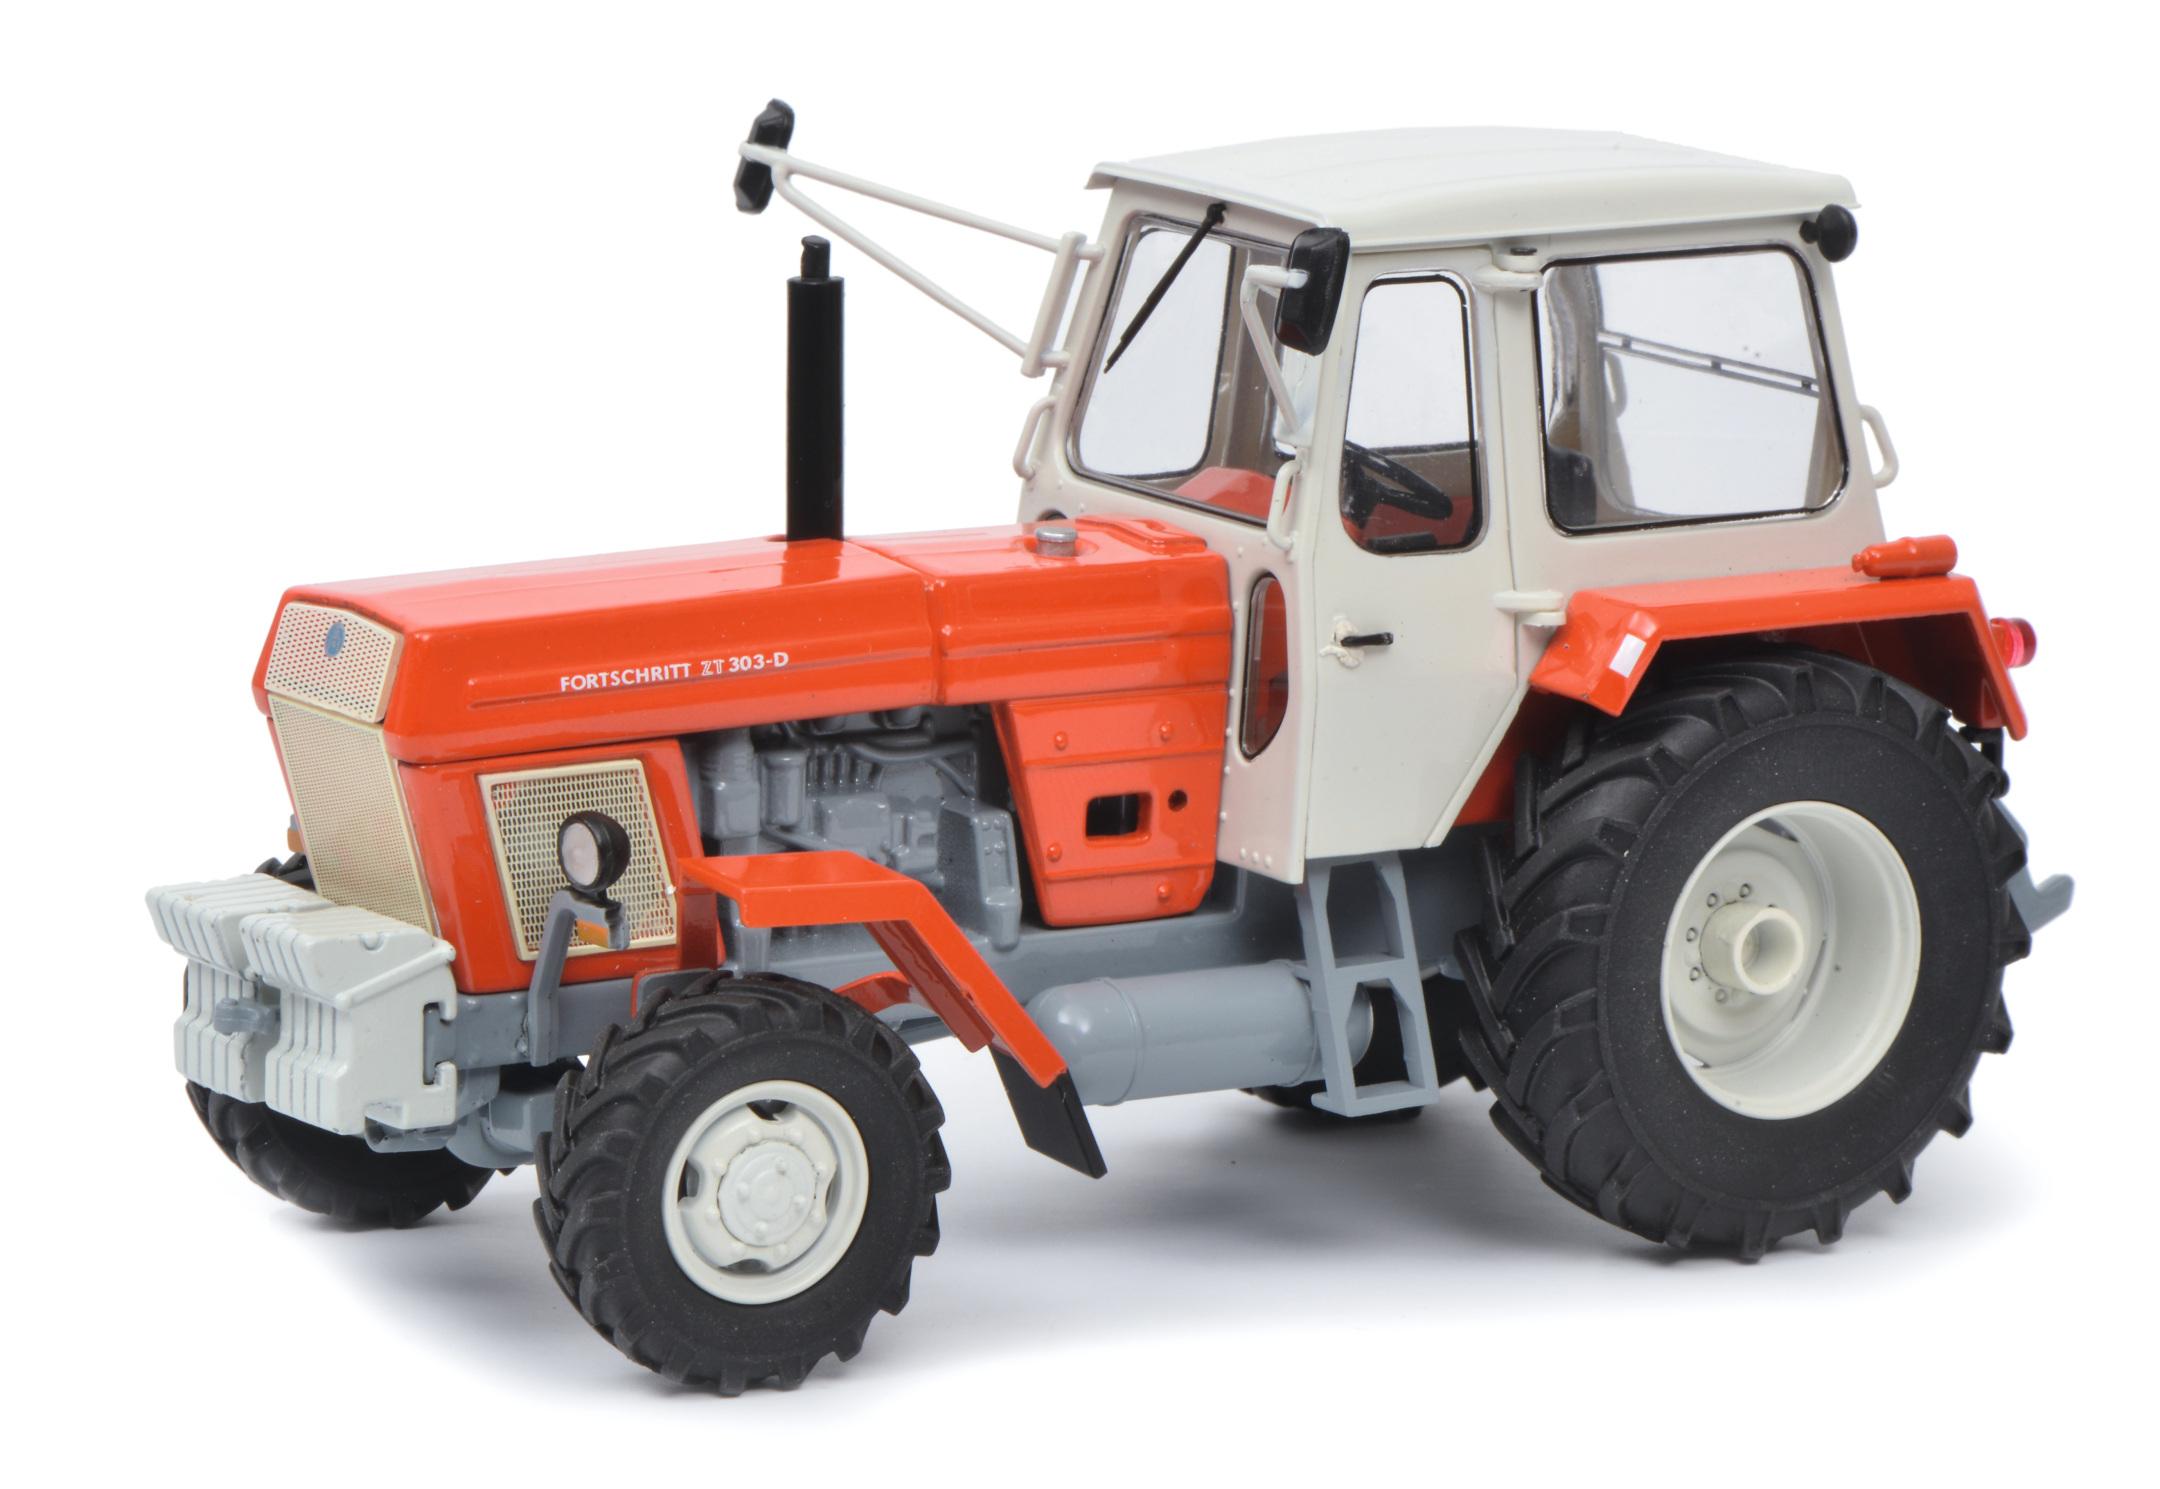 Fortschritt ZT 303-D Traktor 1:32